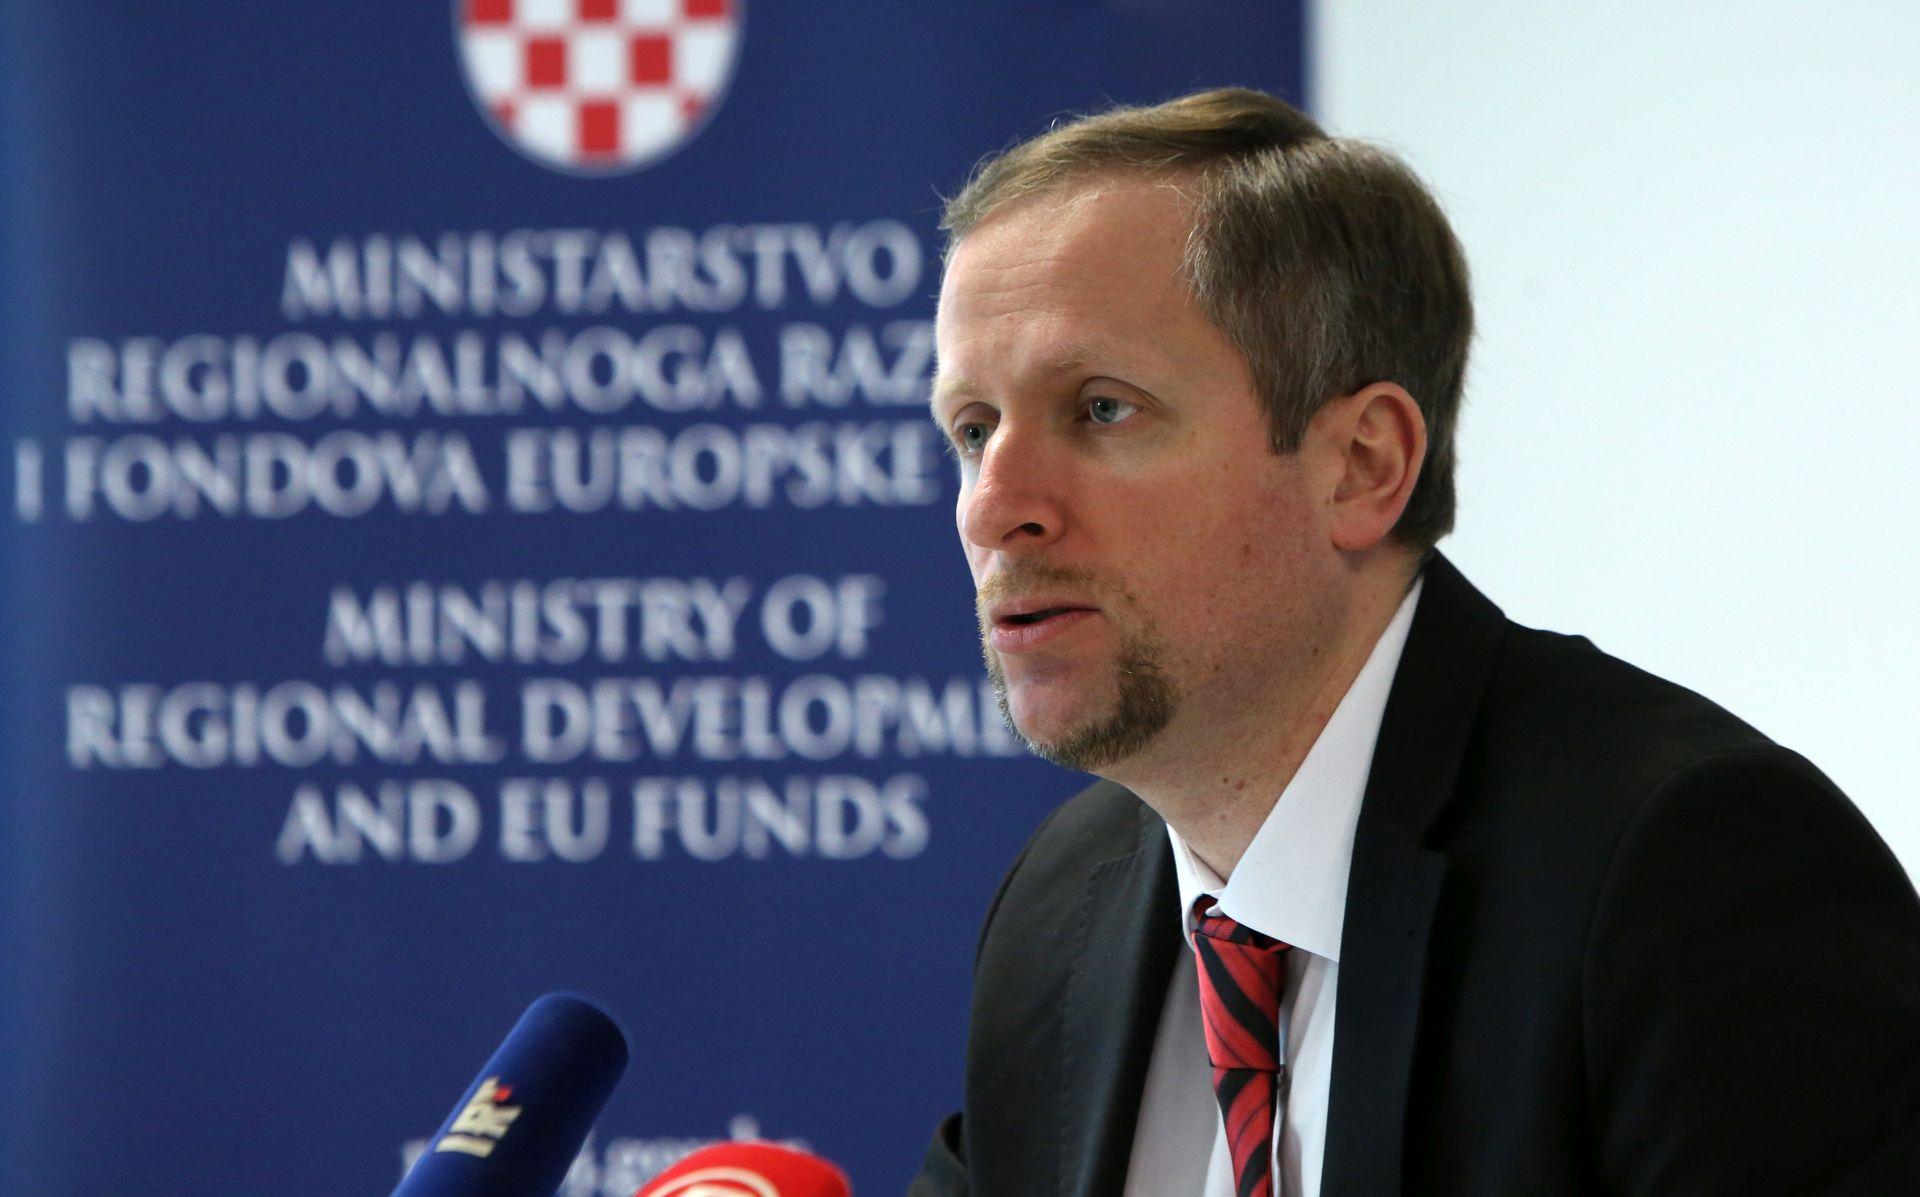 EU FONDOVI: Ministarstvu pravosuđa za informatizaciju 37,7 milijuna kuna